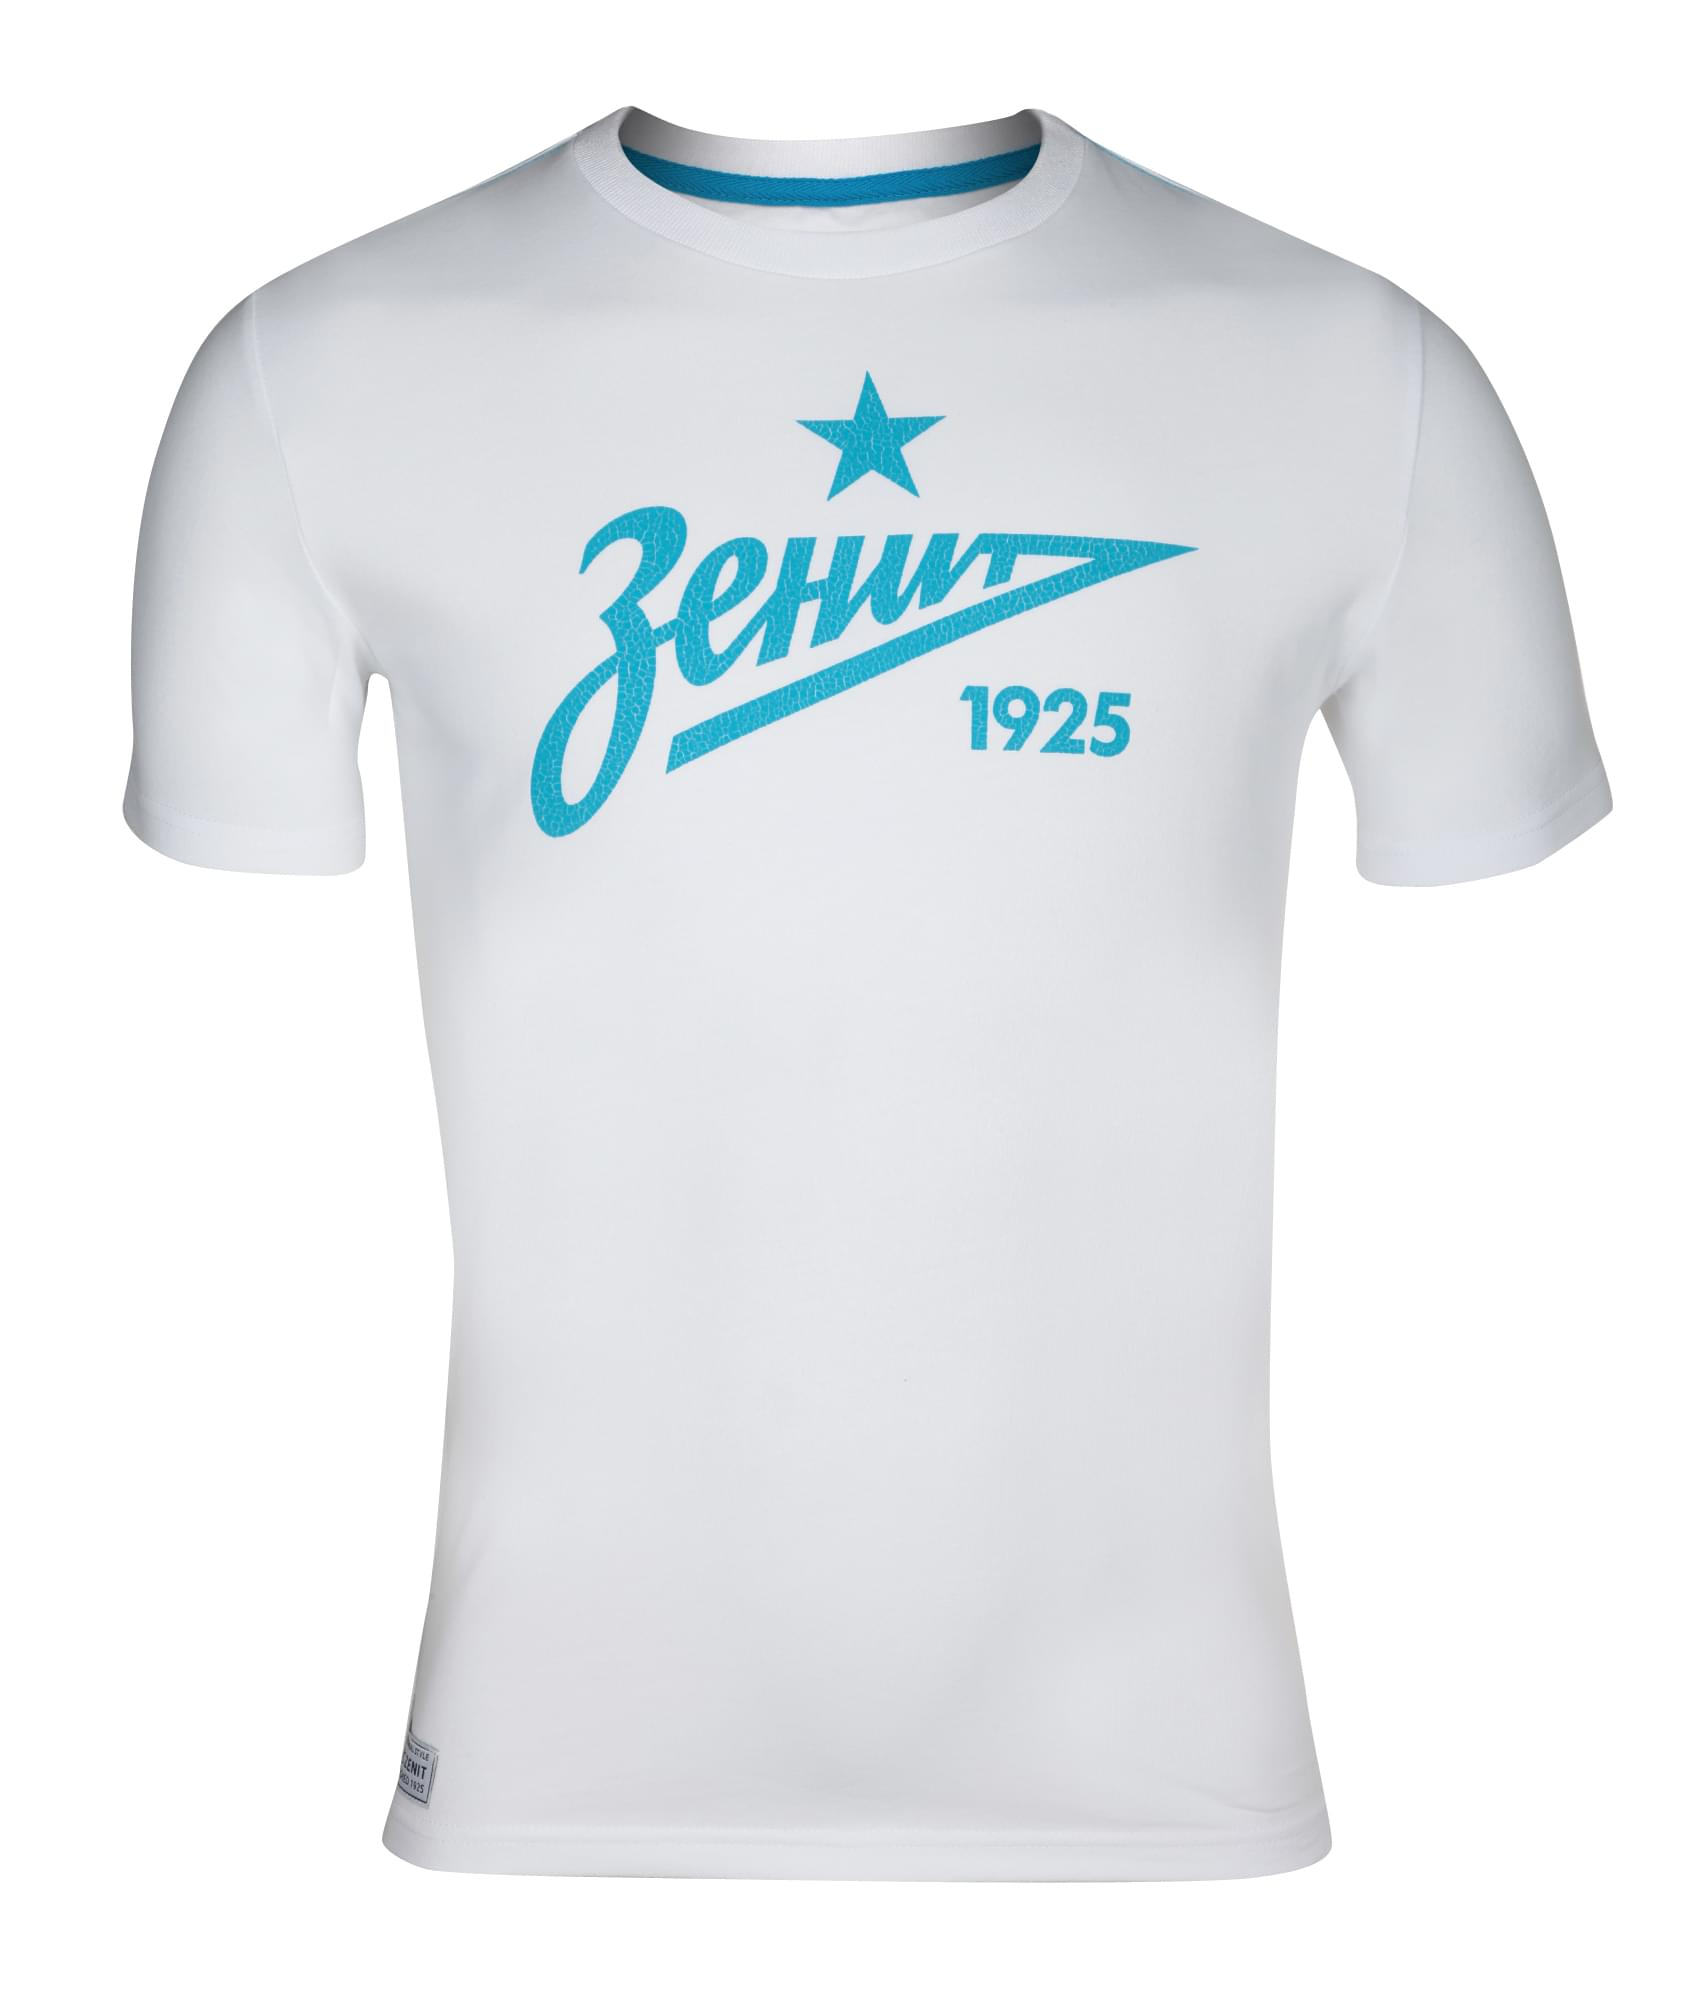 Мужская футболка, Цвет-Белый, Размер-XS